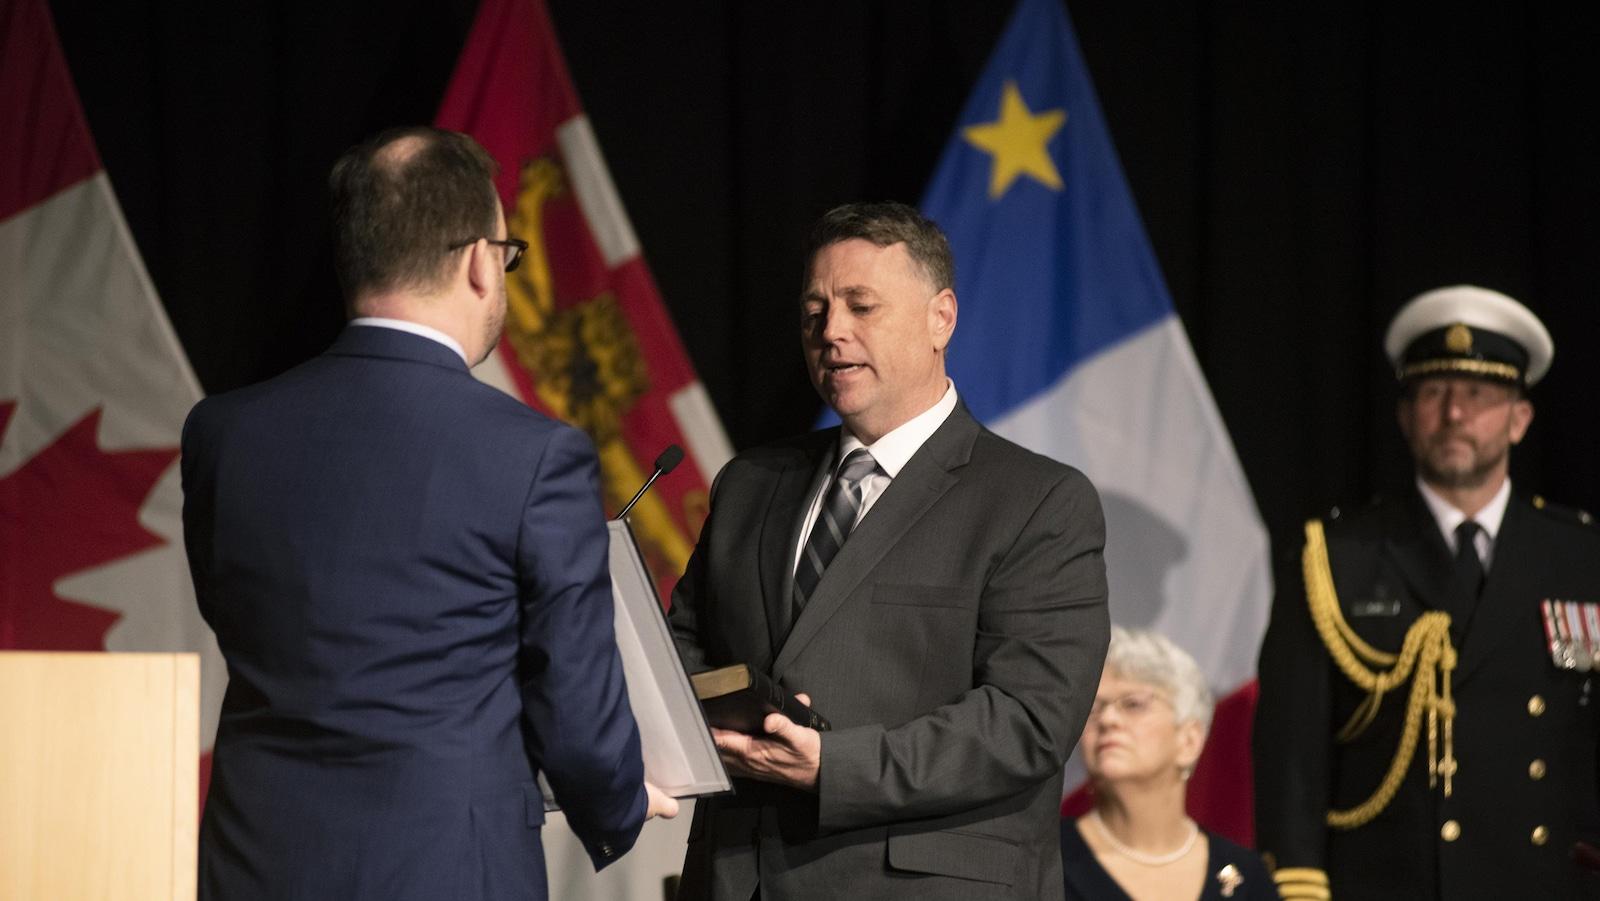 Deux hommes se tiennent debout sur une scène, face à face, devant des drapeaux, et l'homme à droite lit un serment en tenant une bible.